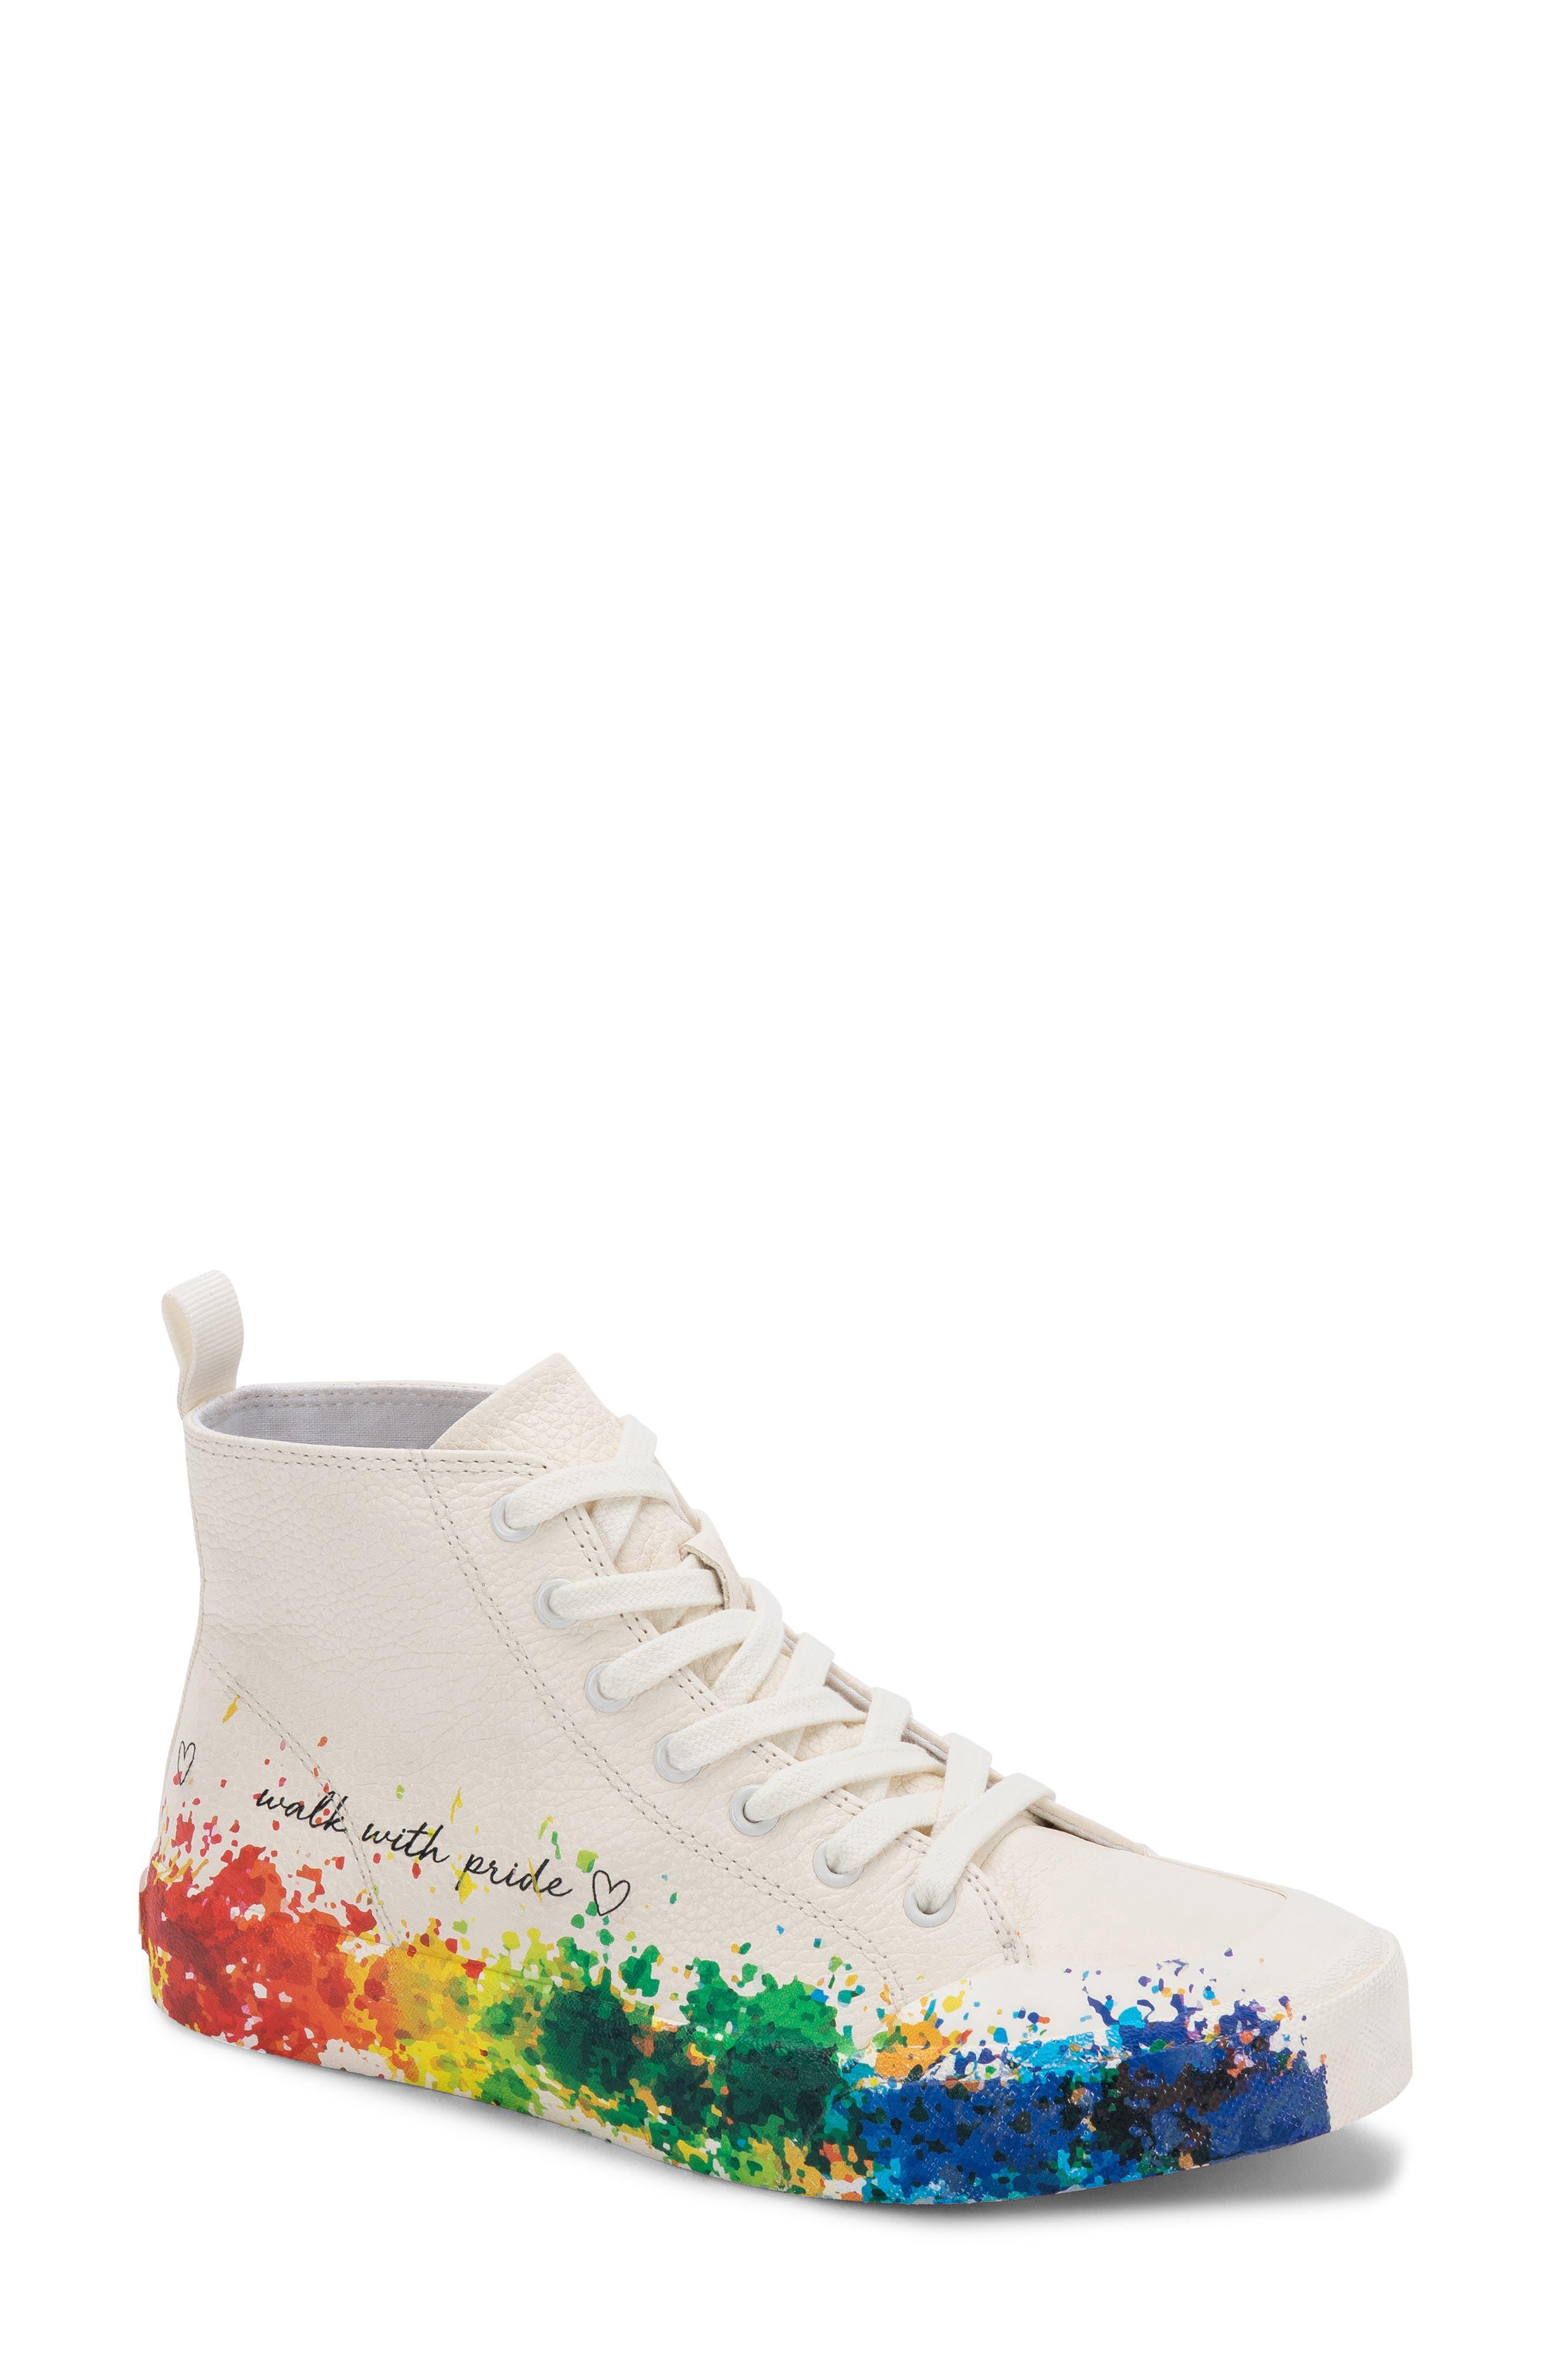 Brycen Pride High Top Sneaker